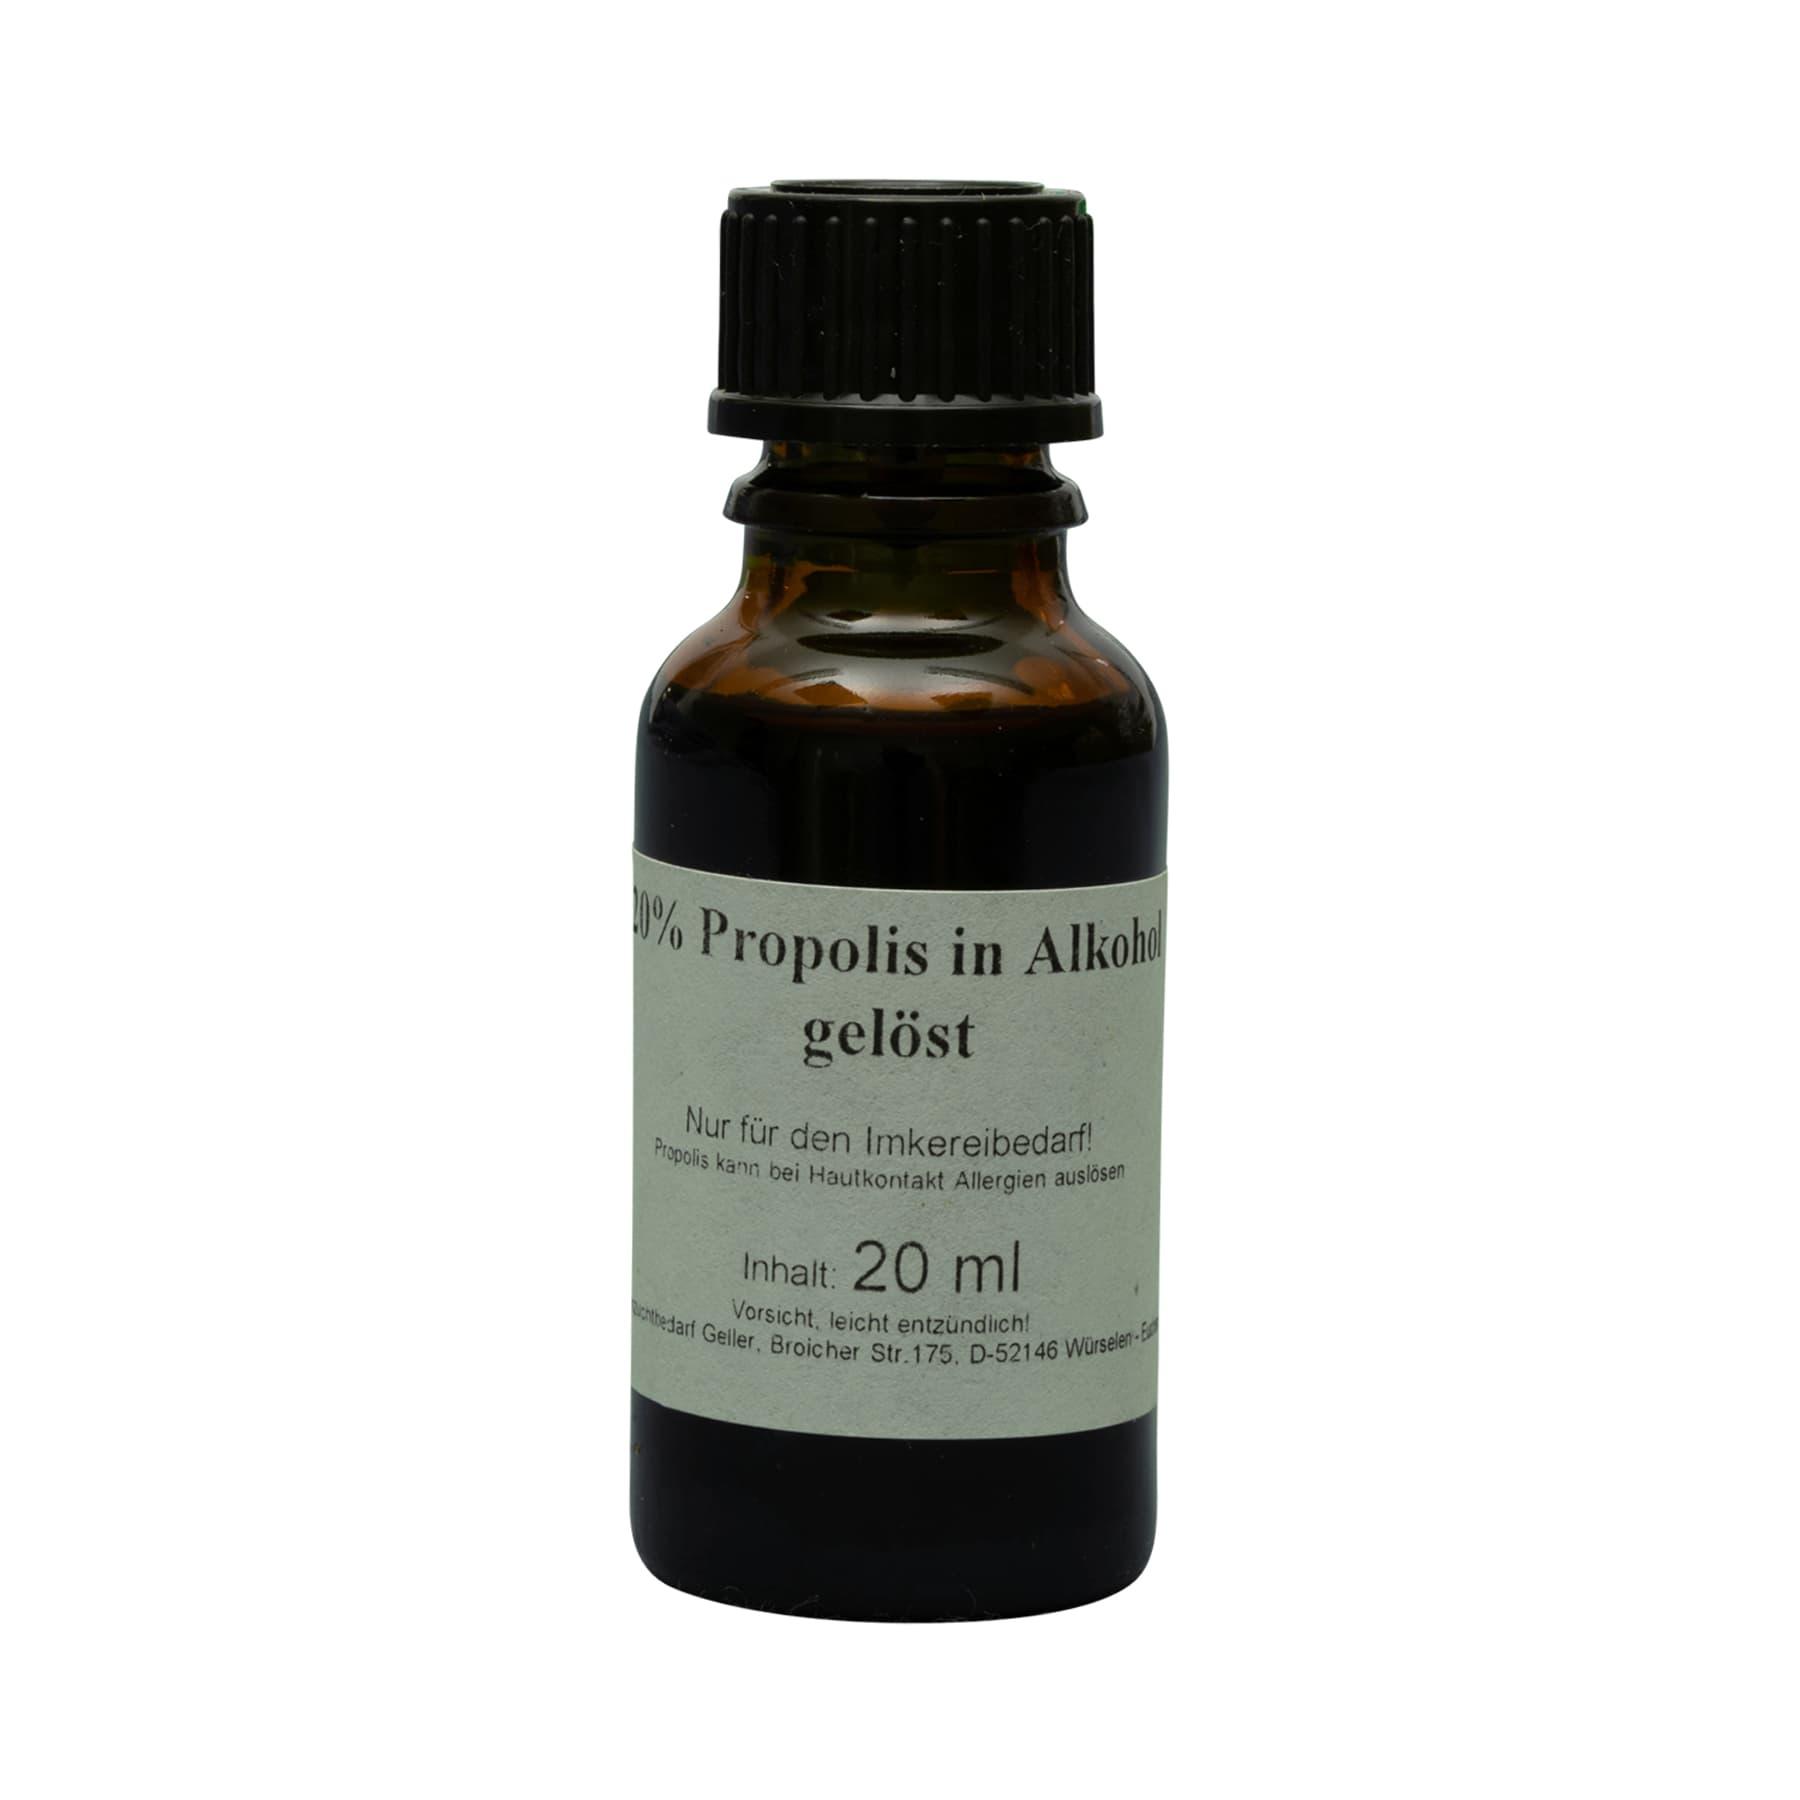 Propolis in Alkohol gelöst 20 ml